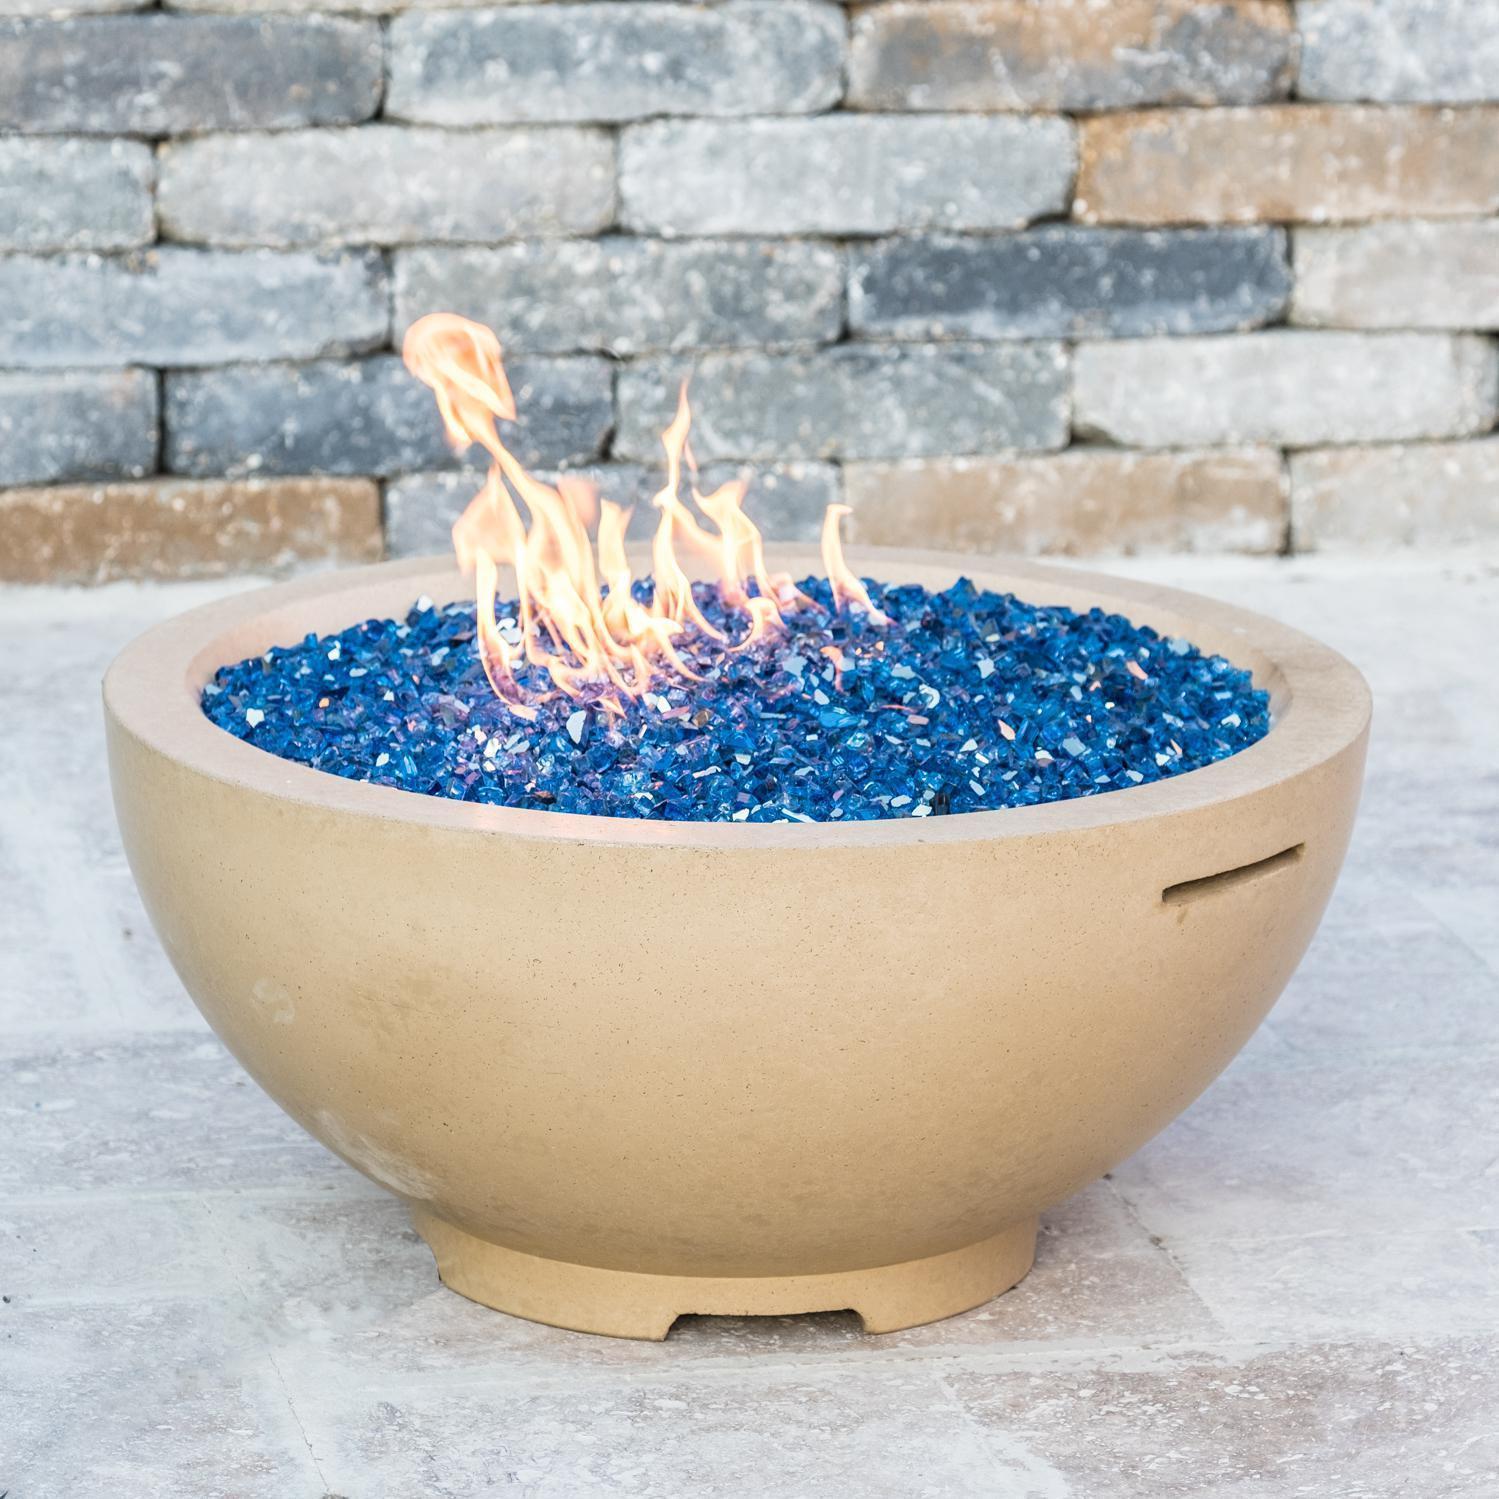 Bbqguys gfrc 32 propane gas fire bowl tan 733cb11